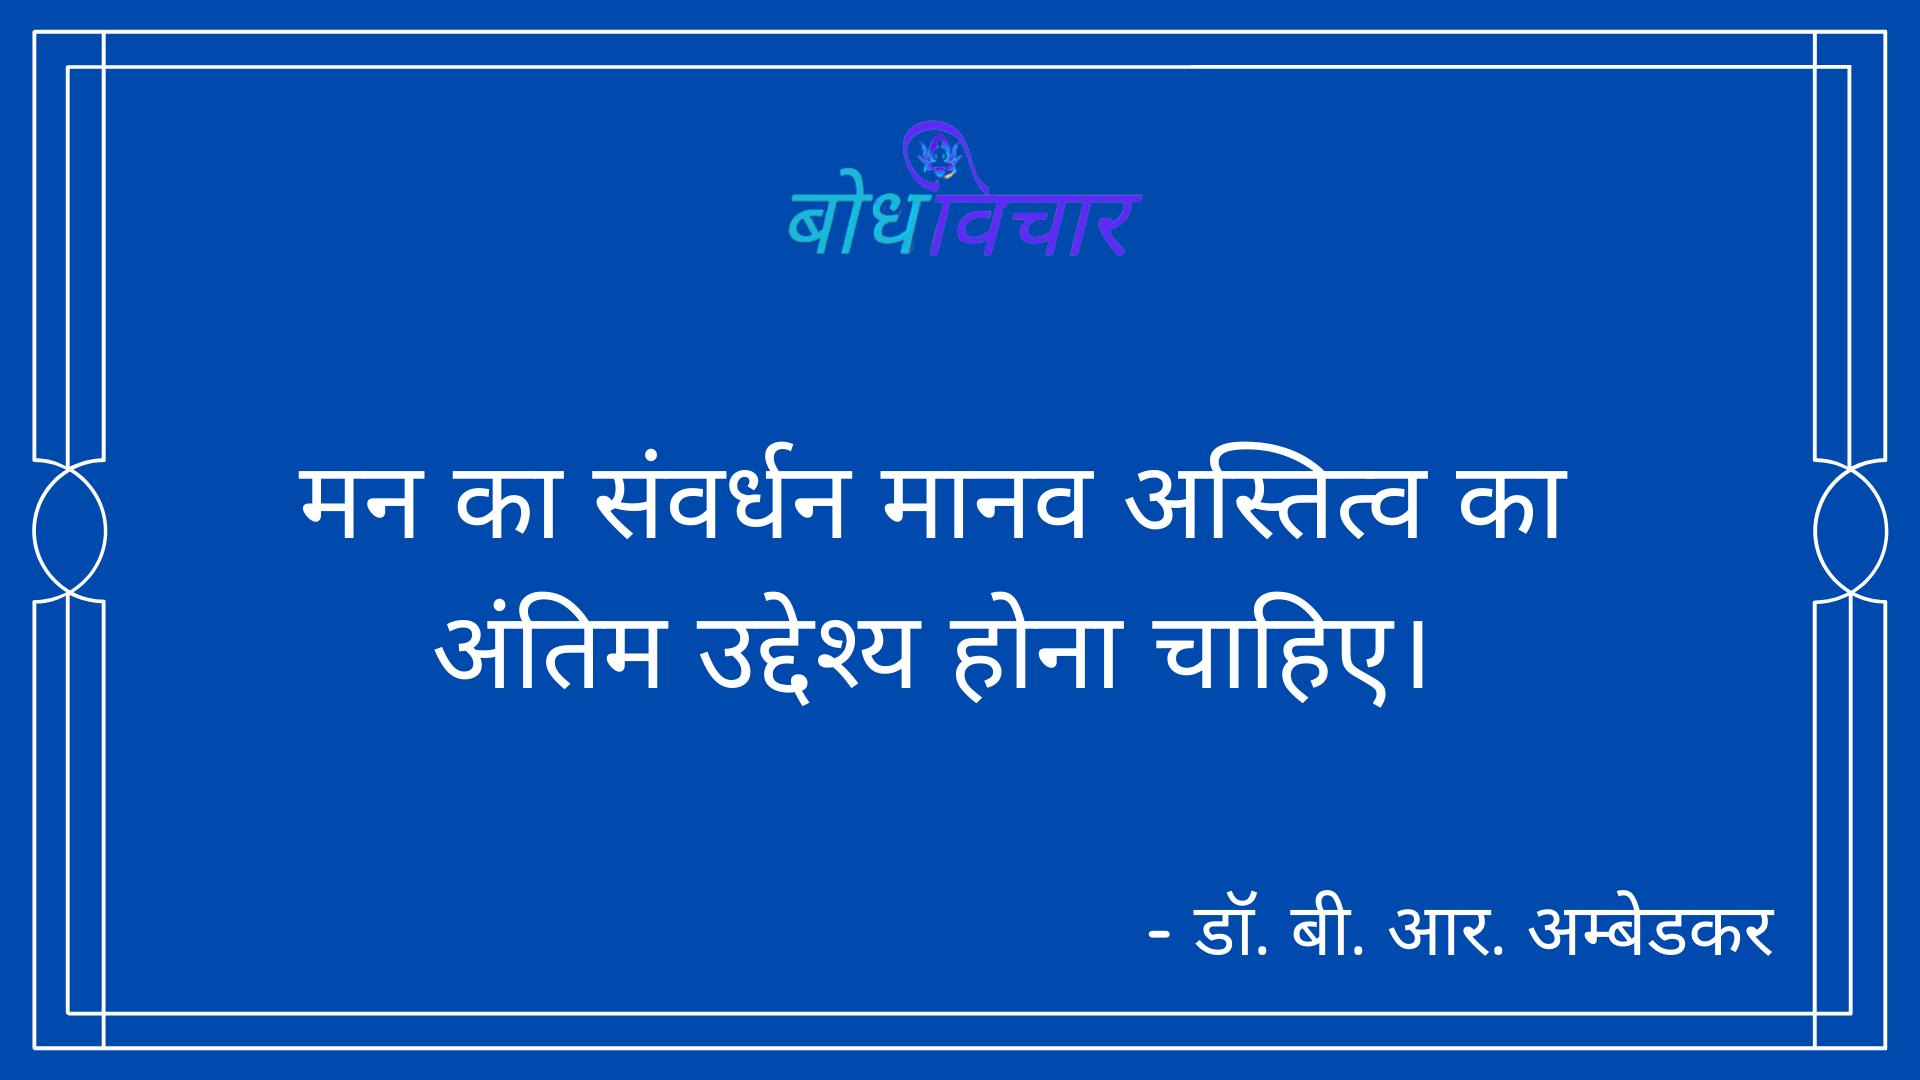 मन का संवर्धन मानव अस्तित्व का अंतिम उद्देश्य होना चाहिए। : Man ka sanvardhan maanav astitv ka antim uddeshy hona chaahie. - डॉ॰ बी॰ आर॰ अम्बेडकर